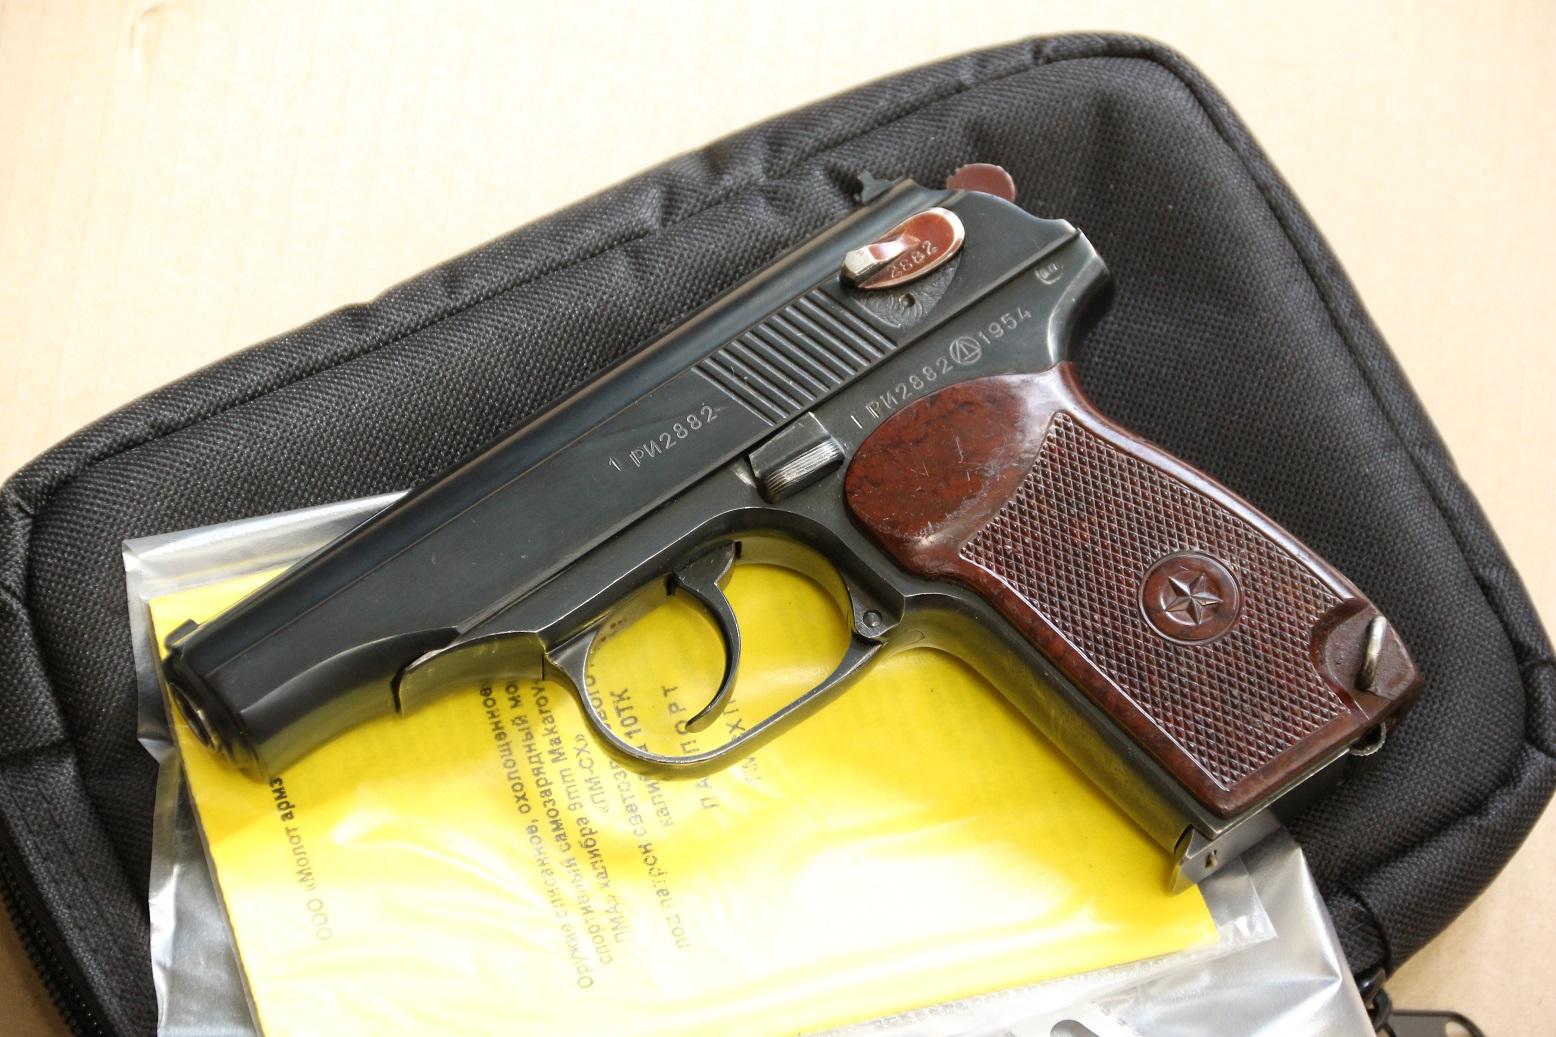 Охолощенный пистолет Макарова ПМ-СХ 1954 года, №РИ 2882, деактив 2020 года